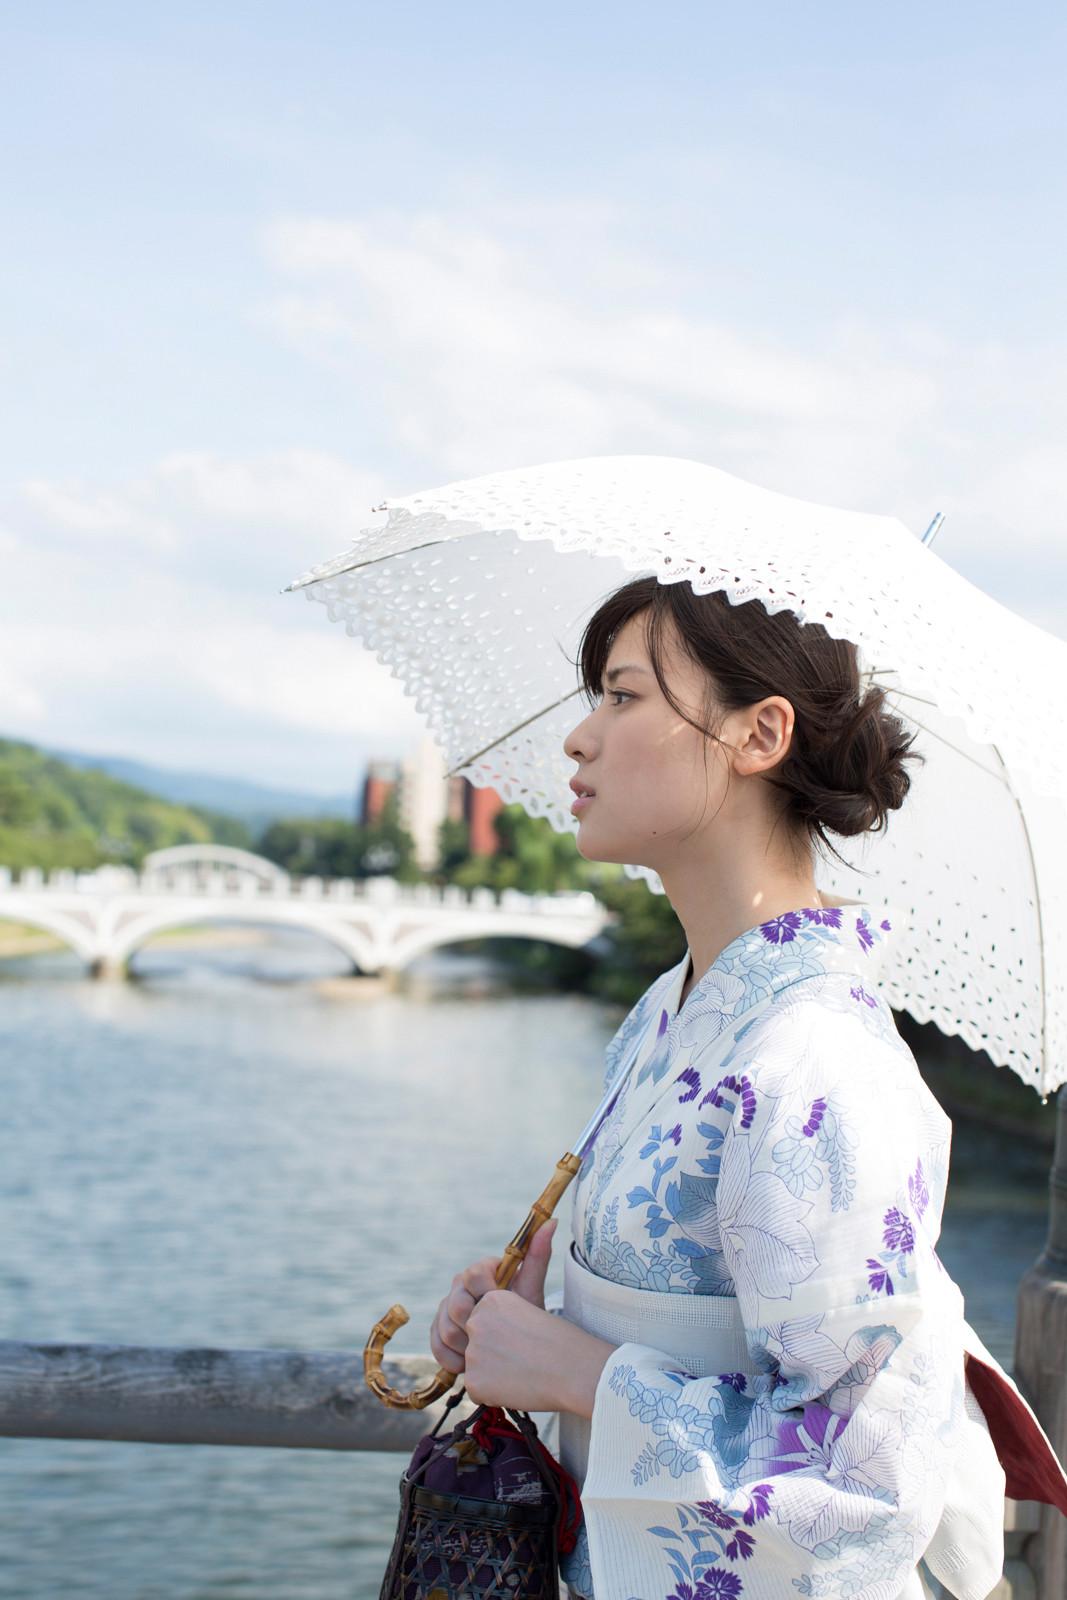 白地に紫のお花の浴衣 白のレースの傘 矢島舞美 橋の上 1